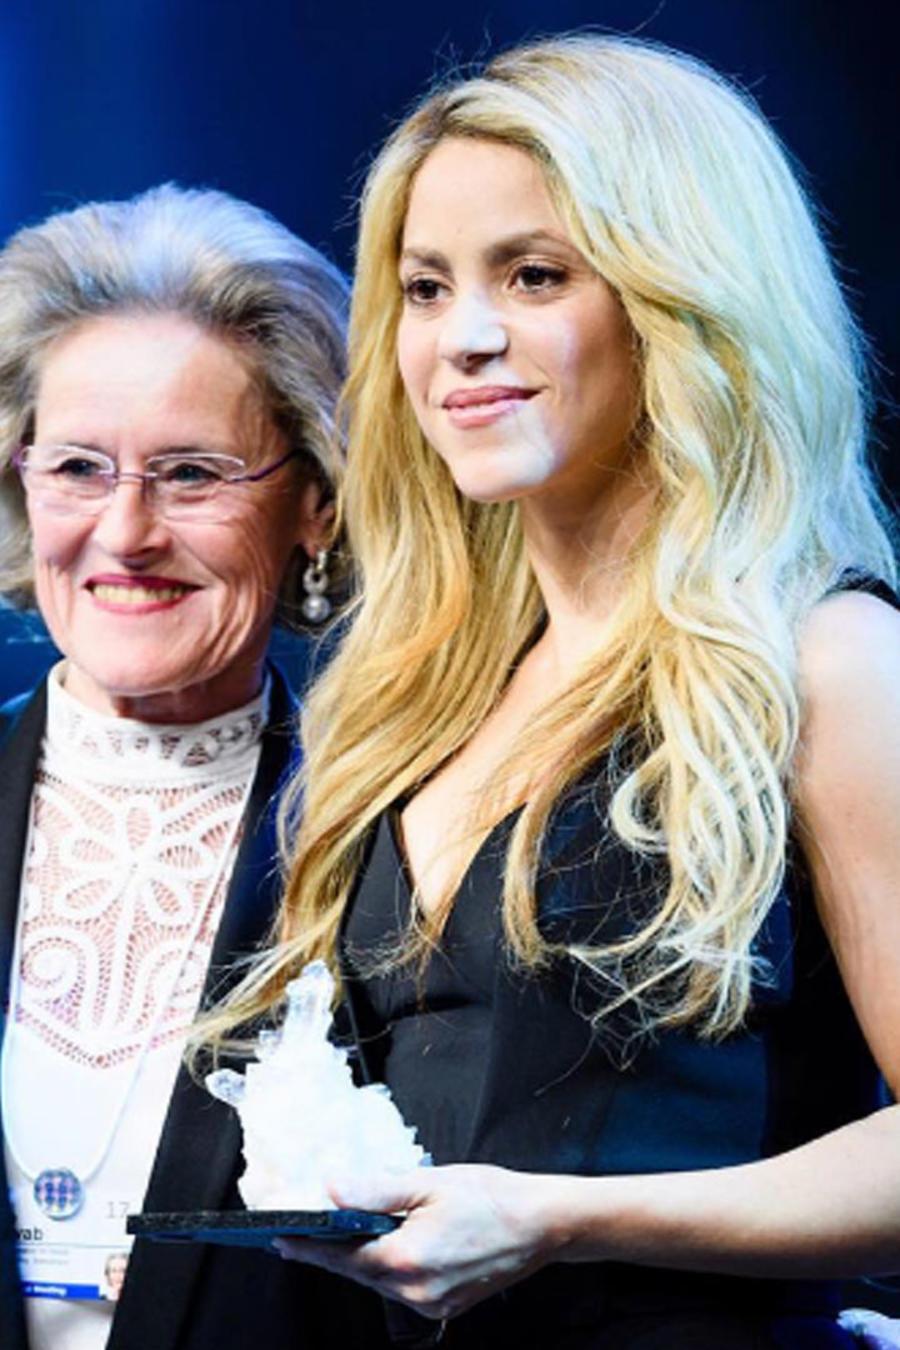 Shakira recibiendo un premio en el Foro Económico Mundial 2017, en Davos